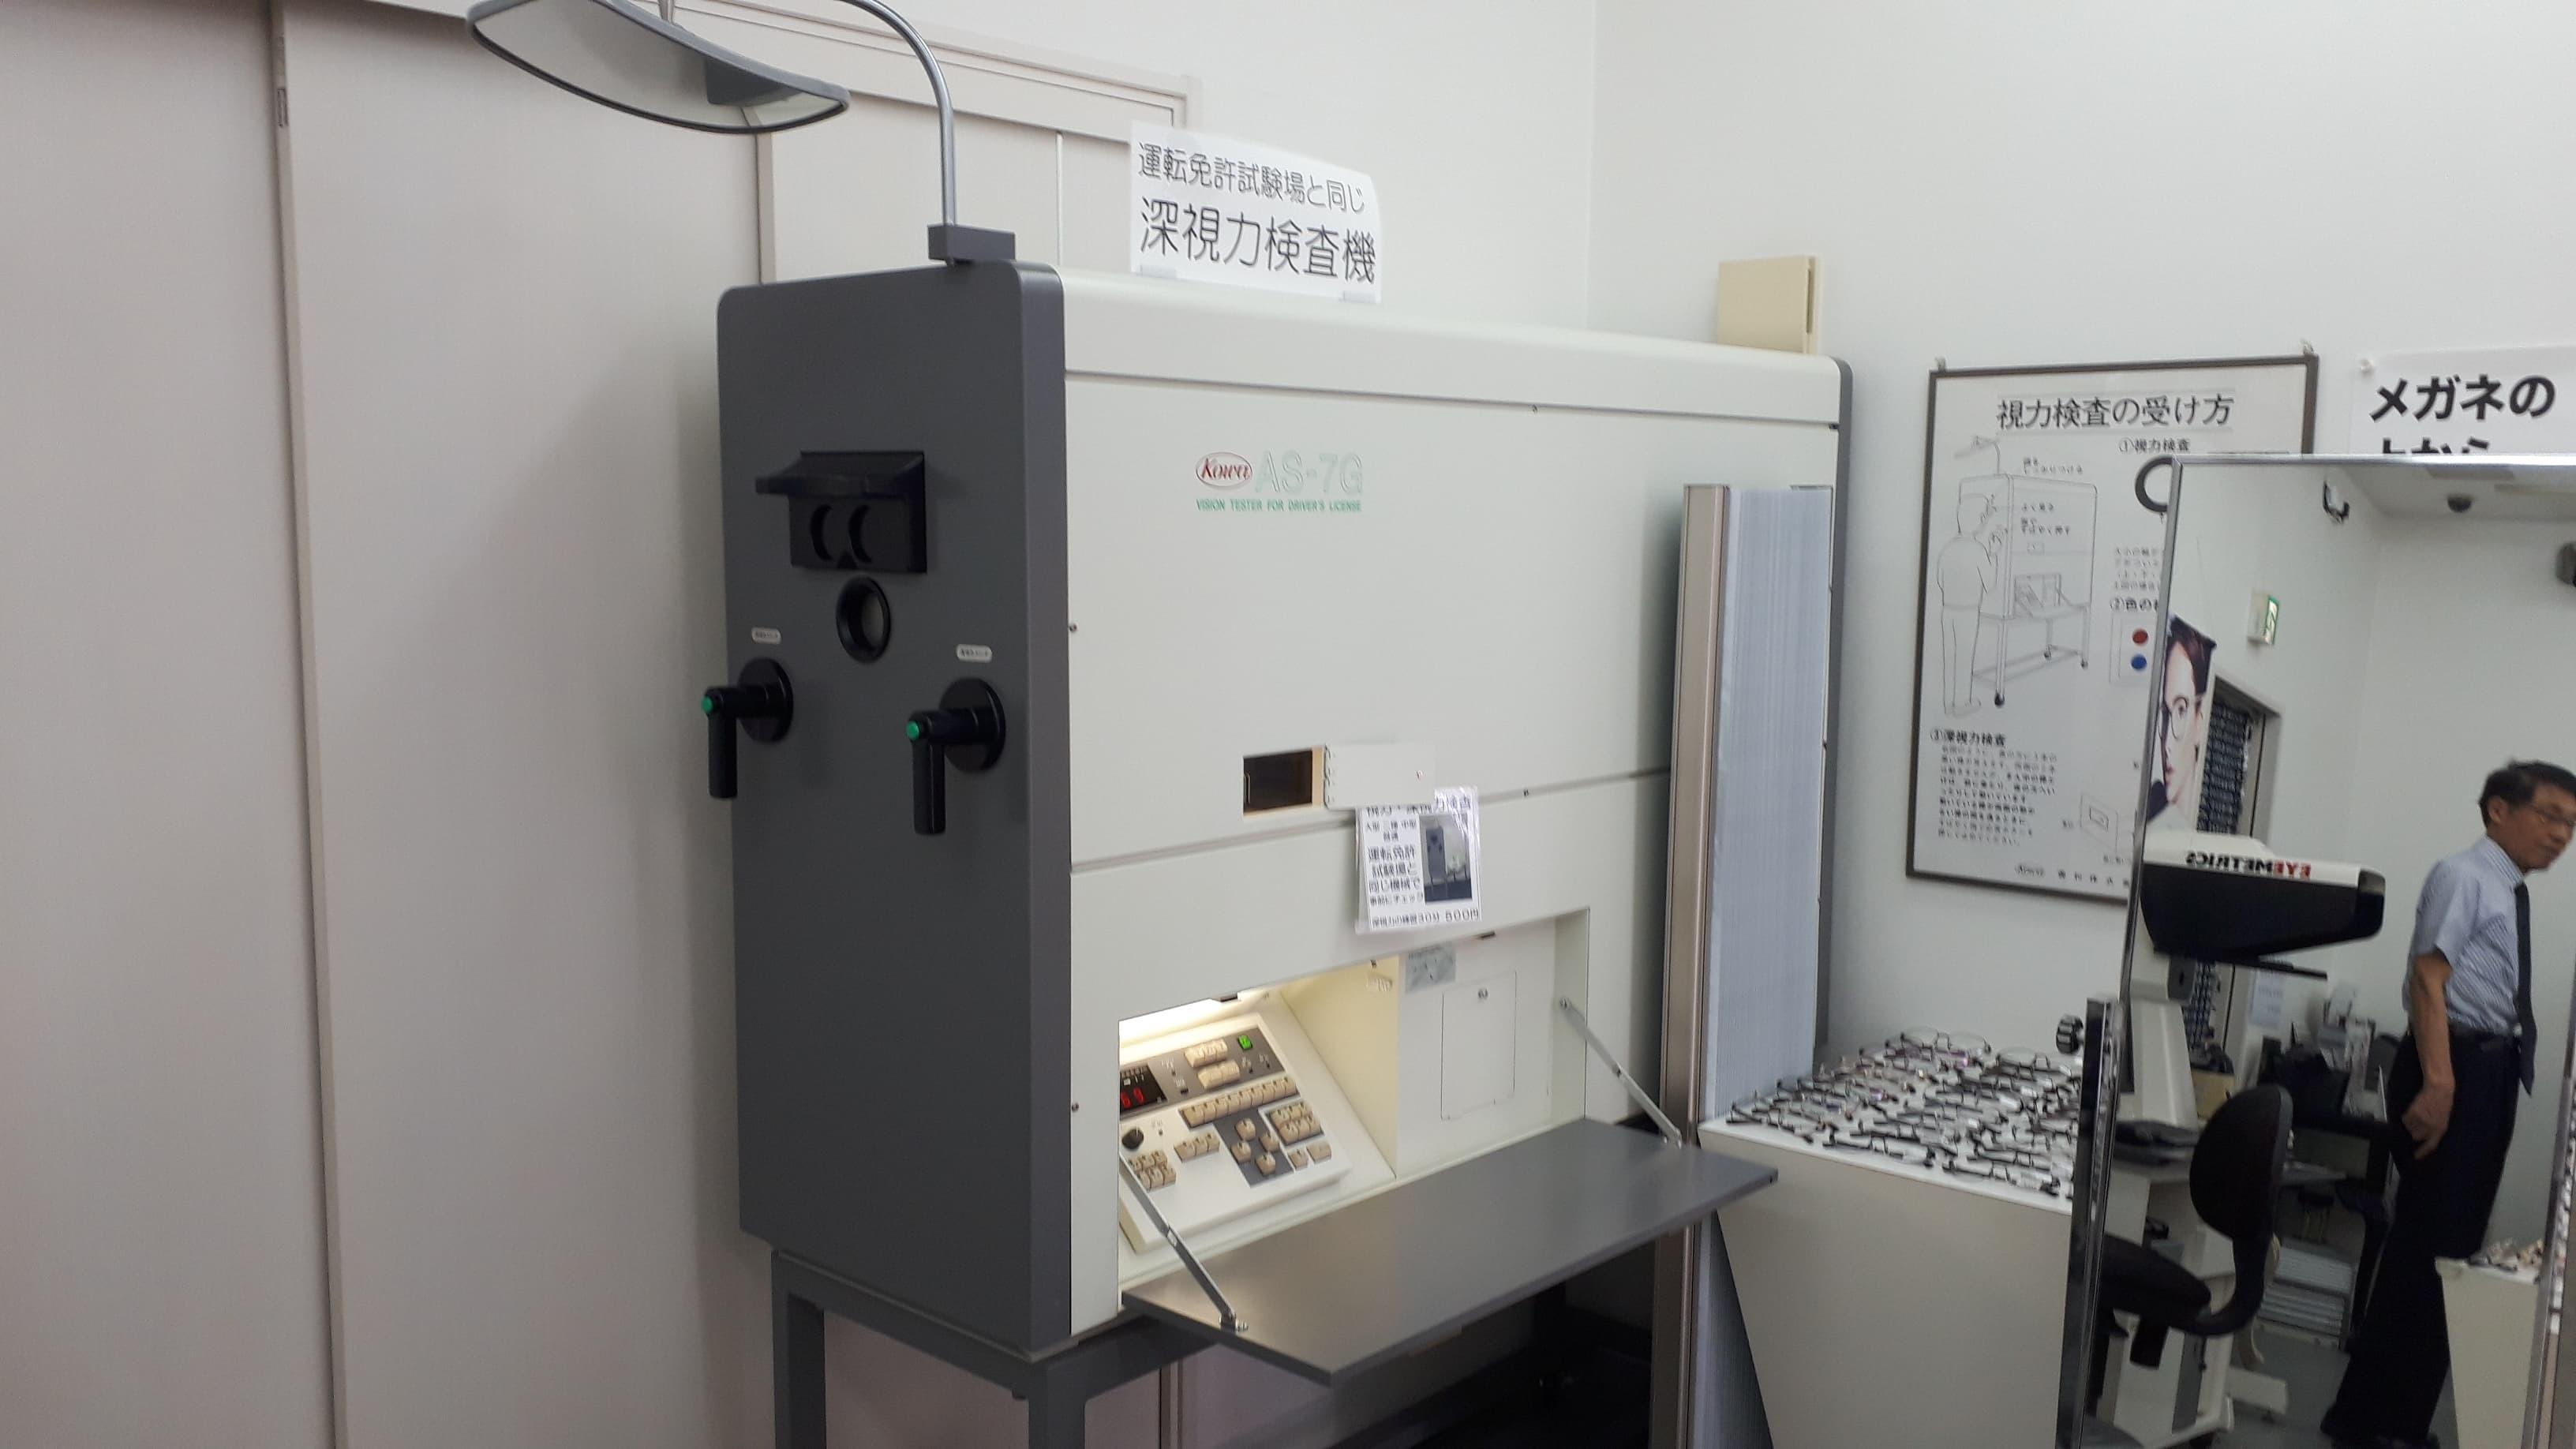 メガネサロン栄光 深視力検査の練習ができる もし検査に落ちたら・・・・京都のタクシードライバーの皆様!_d0106134_22410709.jpg